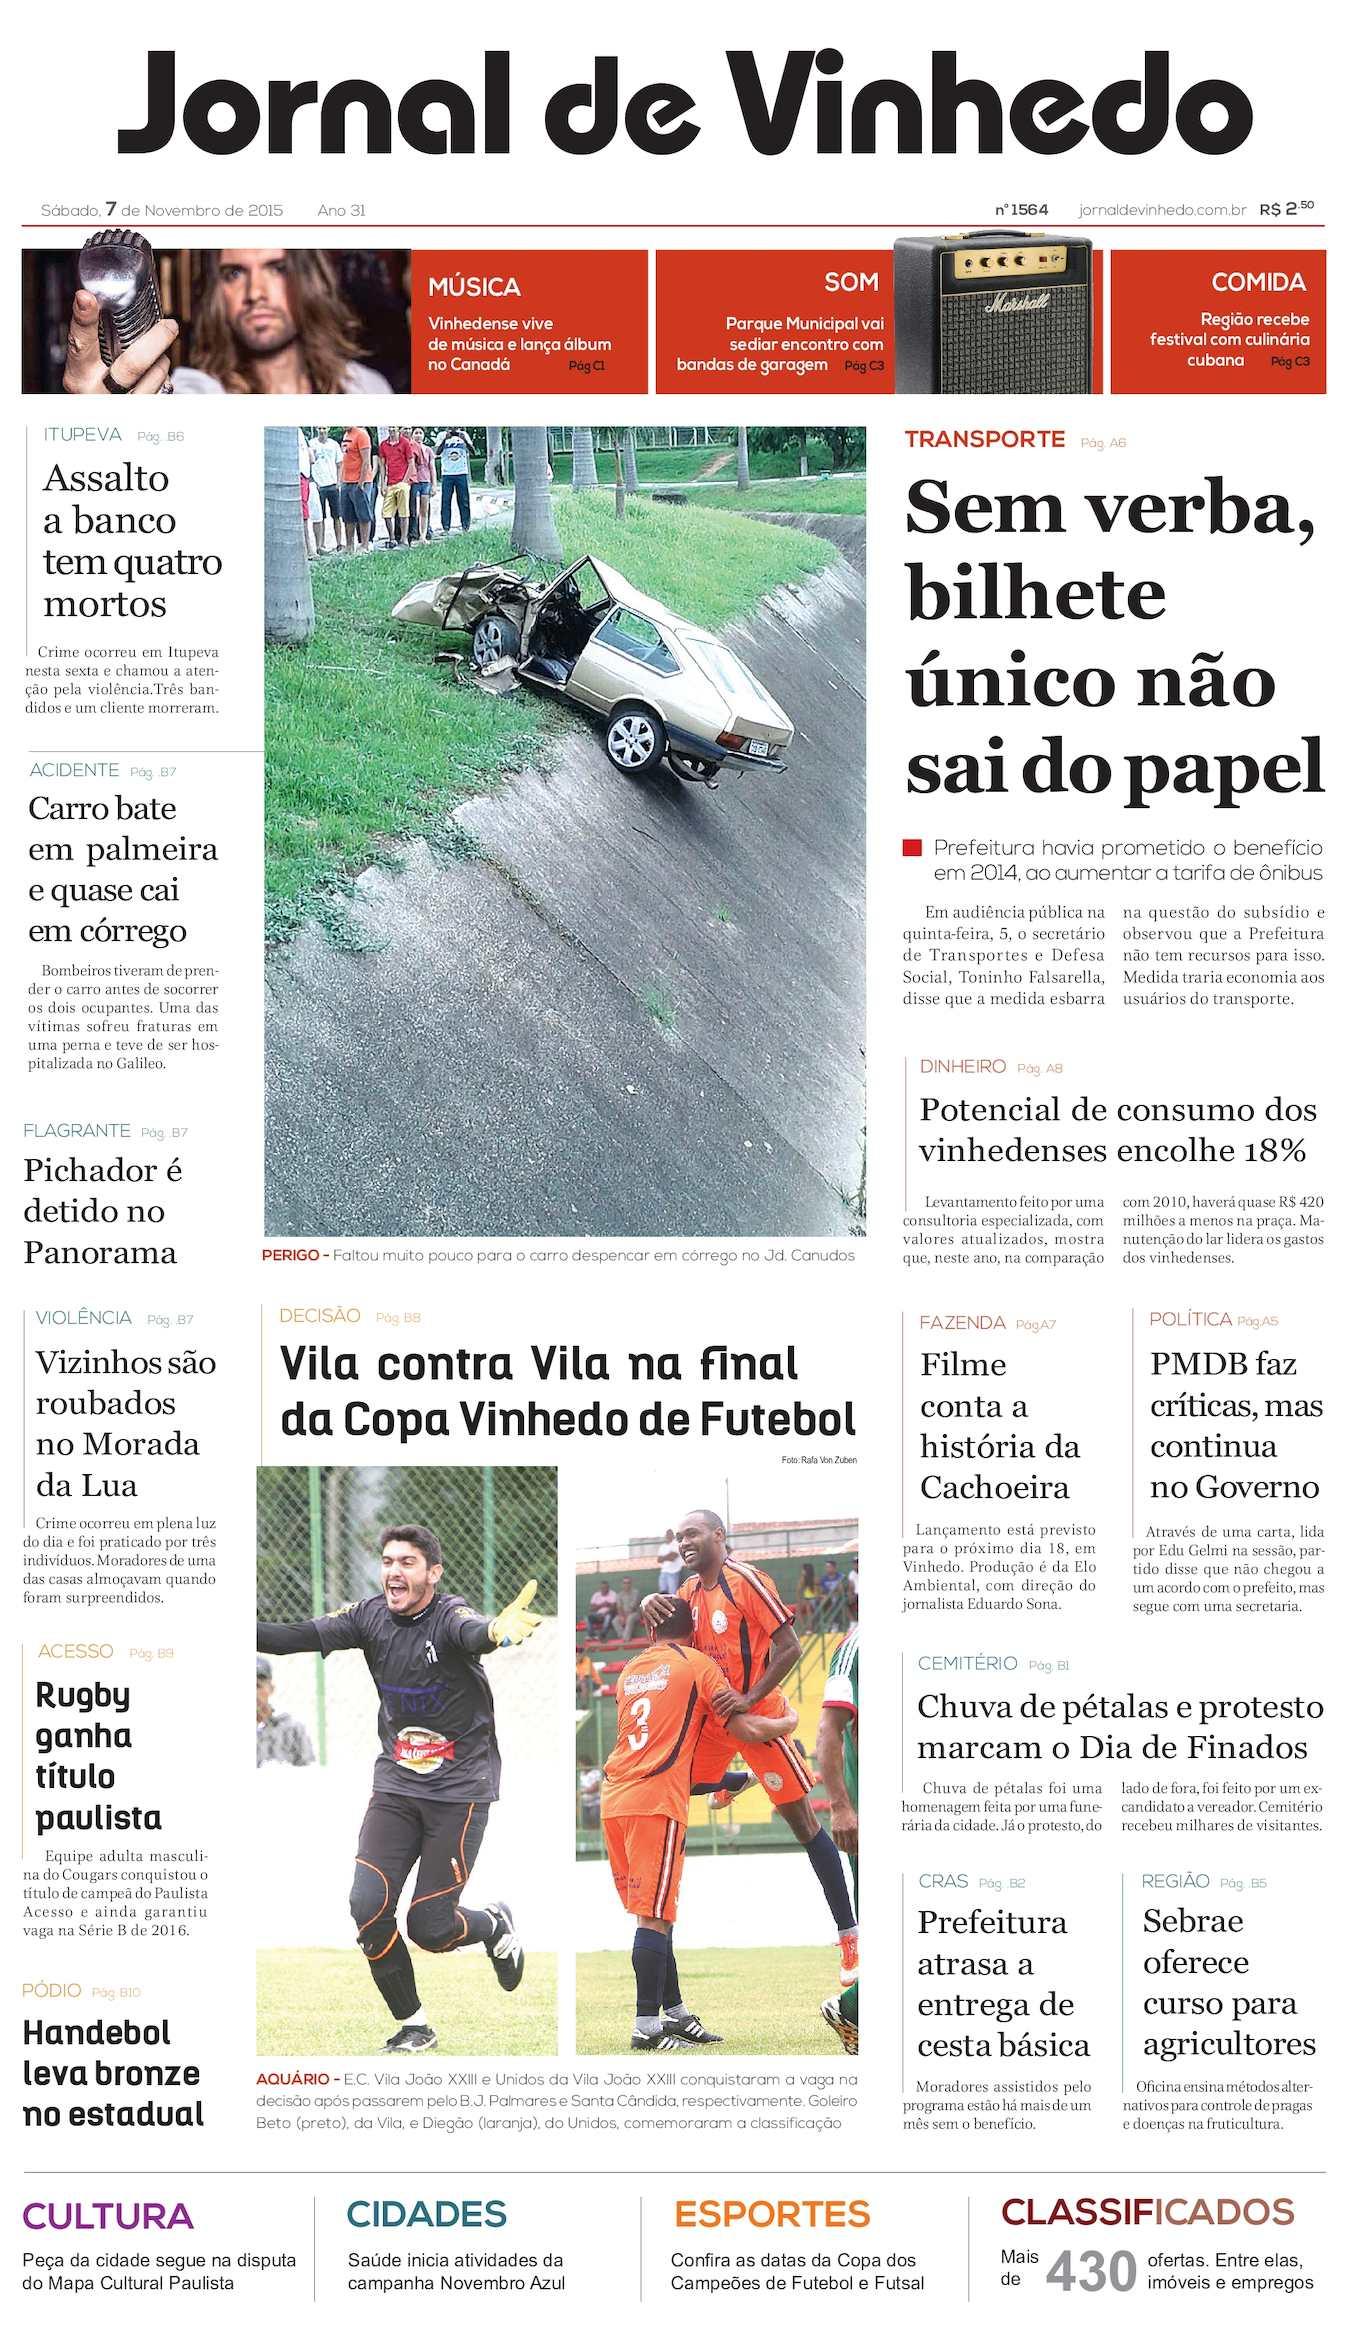 b94c9991402 Calaméo - Jornal De Vinhedo Sábado 7 De Novembro De 2015 Edic 1564 Ok